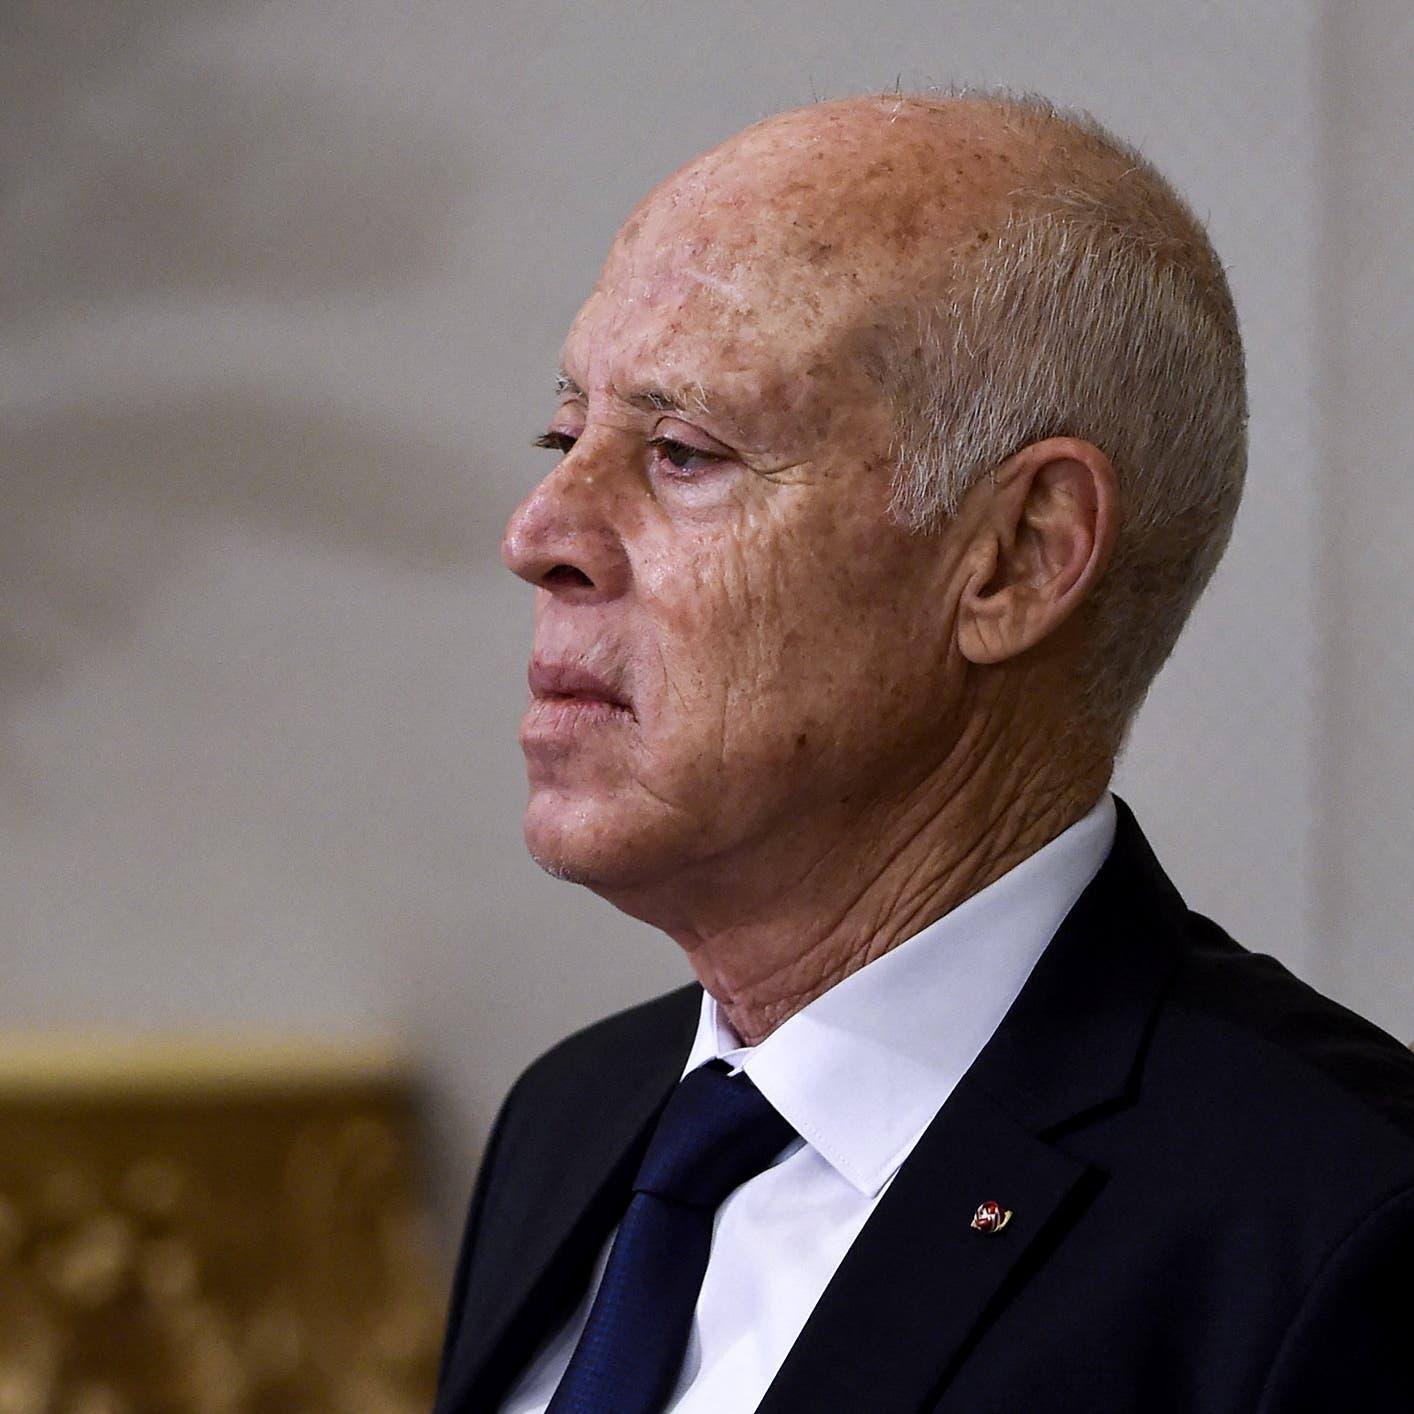 رئيس تونس: 460 شخصاً نهبوا البلاد.. ويجب إعادة الأموال